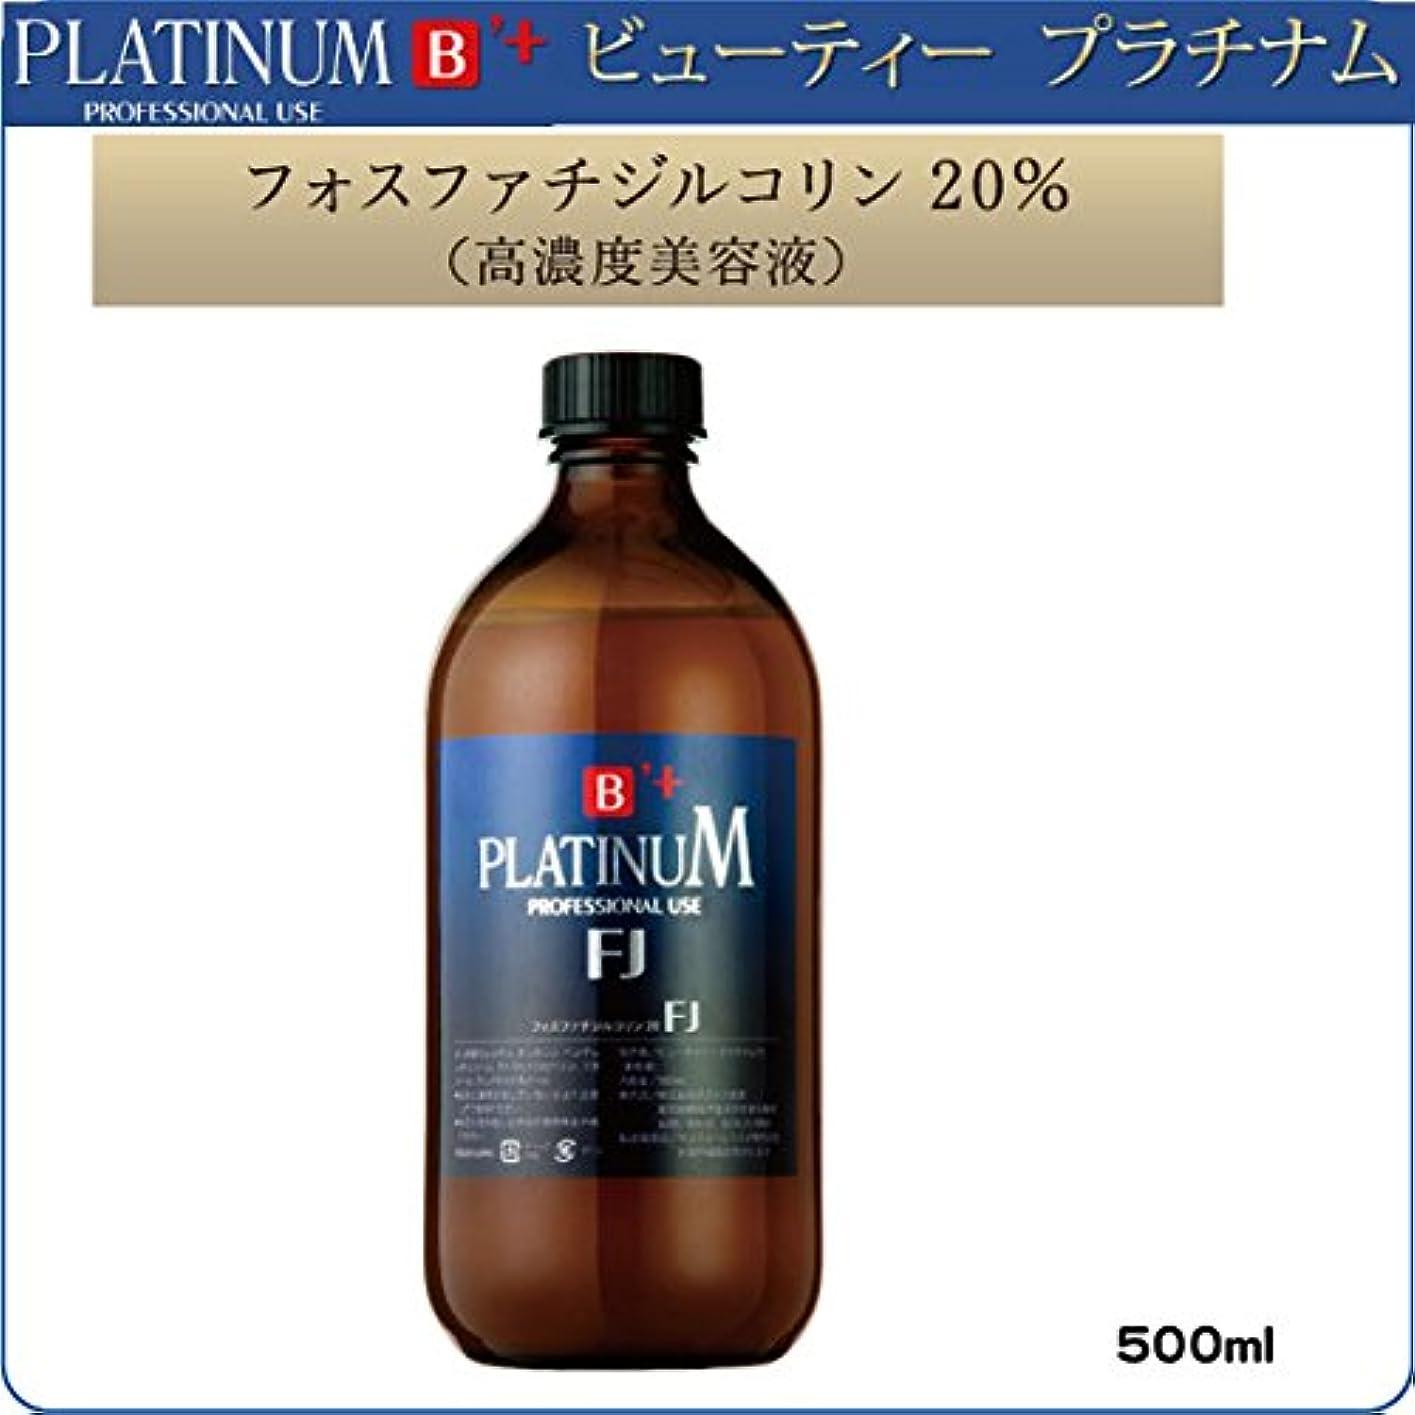 ふくろう枢機卿地殻【ビューティー プラチナム】 PLATINUM B'+  フォスファチジルコリン20%高濃度美容液  痩身専用:500ml